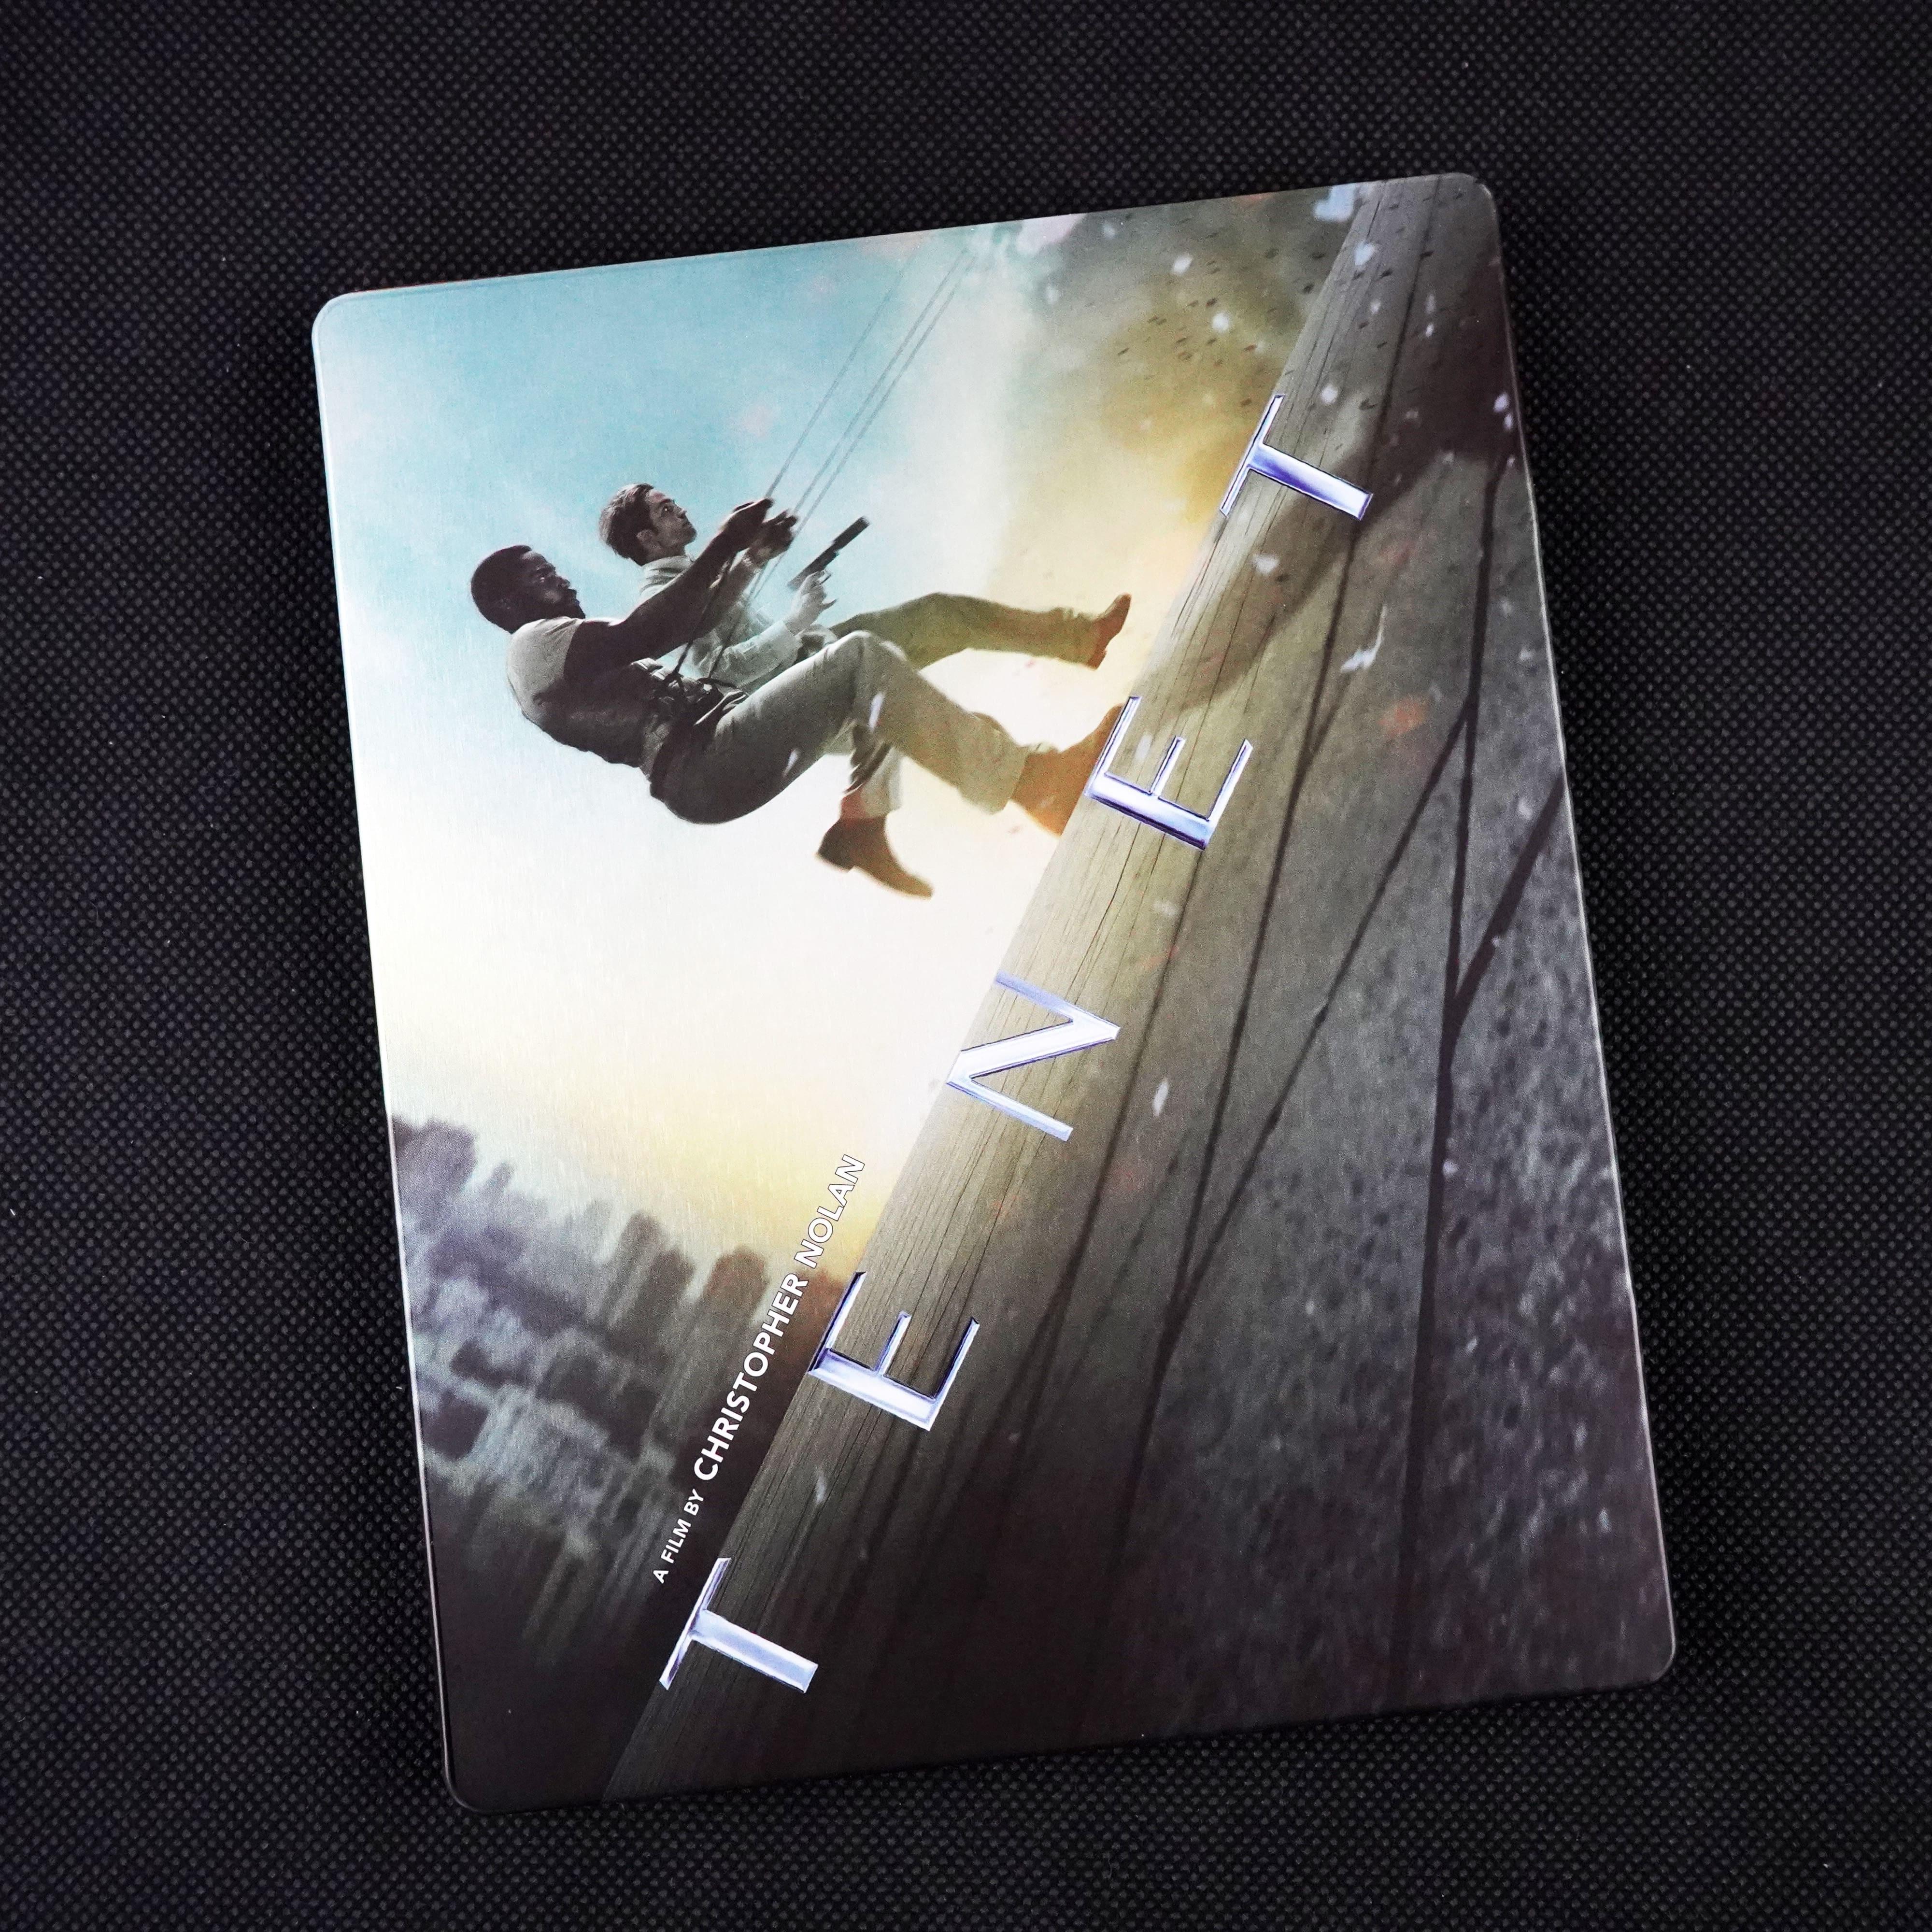 tenet-4k-uhd-steelbook (2)-min.jpg